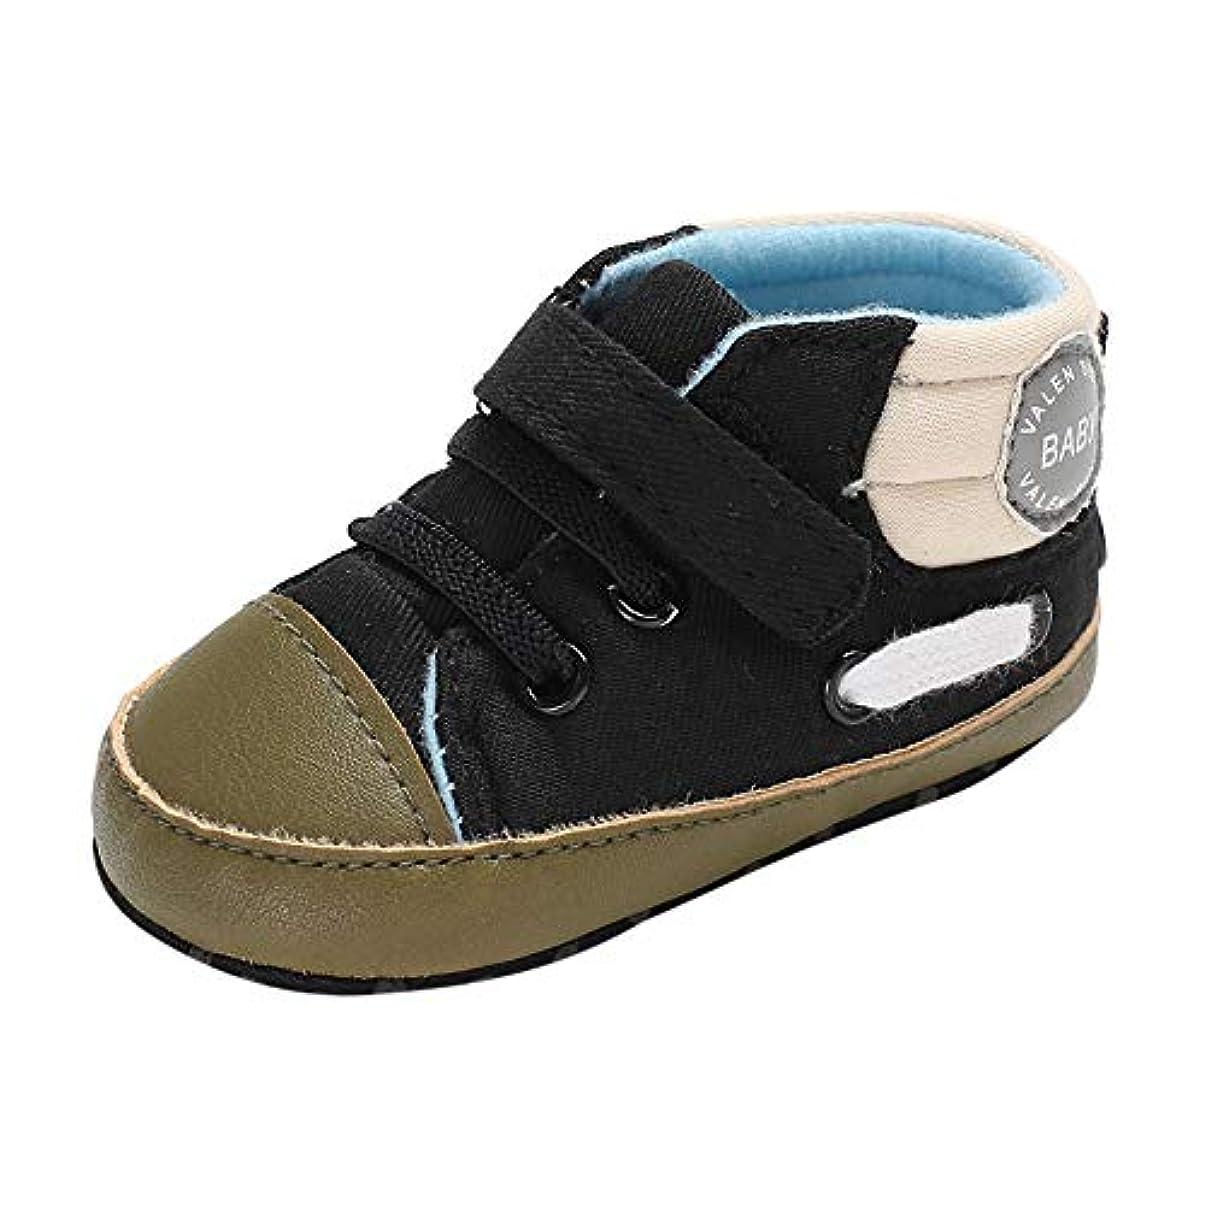 黒くするグリース反論者[BAOMABA] ベビーシューズ 子供靴 幼児の靴 カジュアルシューズ 運動靴 出かけ 滑り止め パーティー 暖かい 軽量 履きやすい マジックテープ レースアップ ソフトソール お洒落 がルーズ ボーイズ